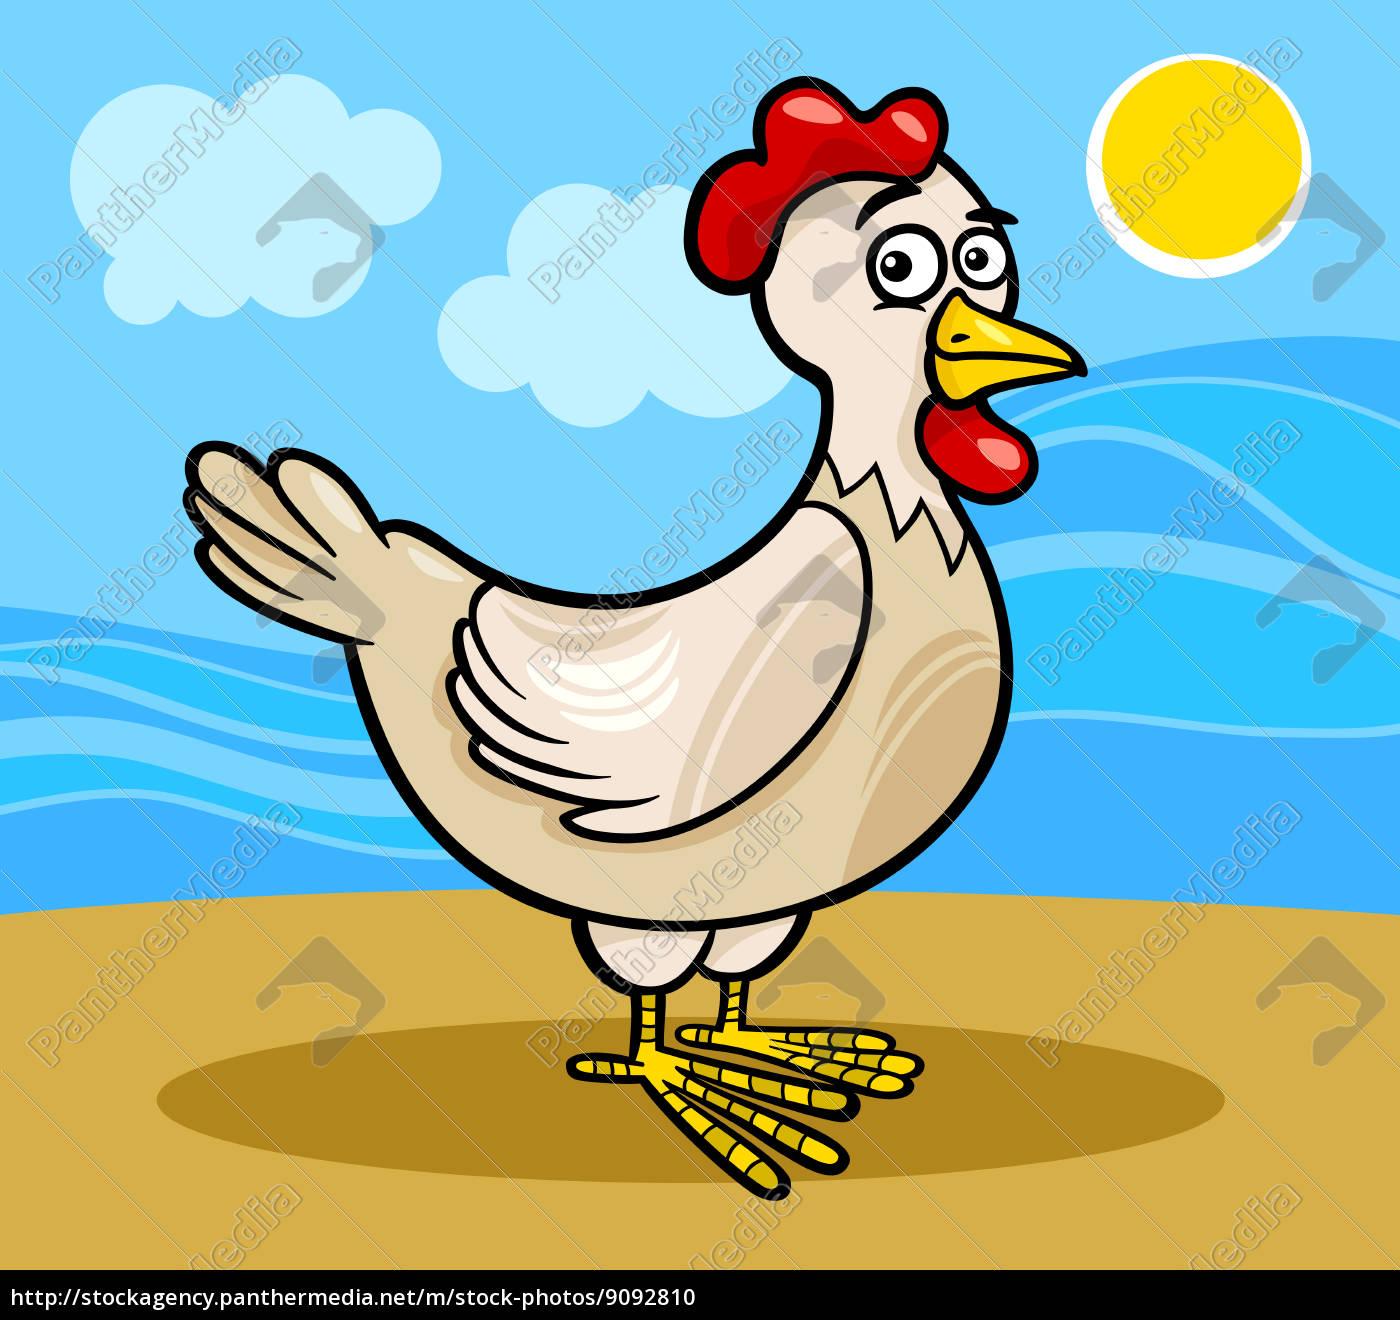 Stockphoto 9092810 Gallina Granja Ilustración De Dibujos Animados De Animales